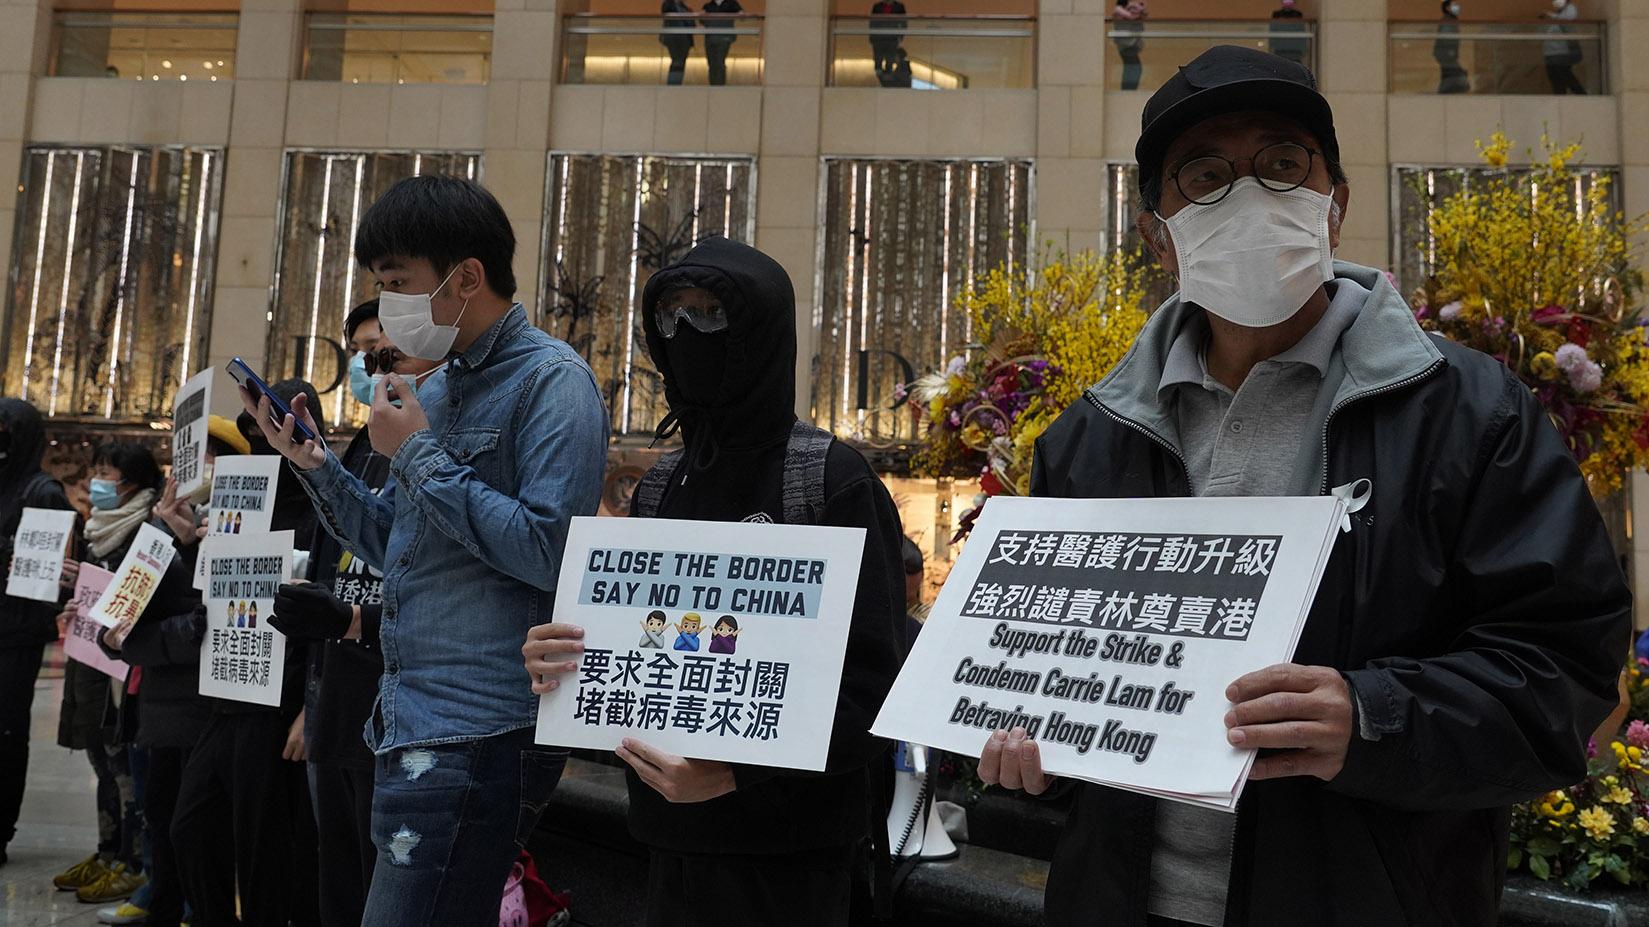 2020年2月4日香港居民在抗议要求全面封关防堵武汉肺炎传播。(美联社)